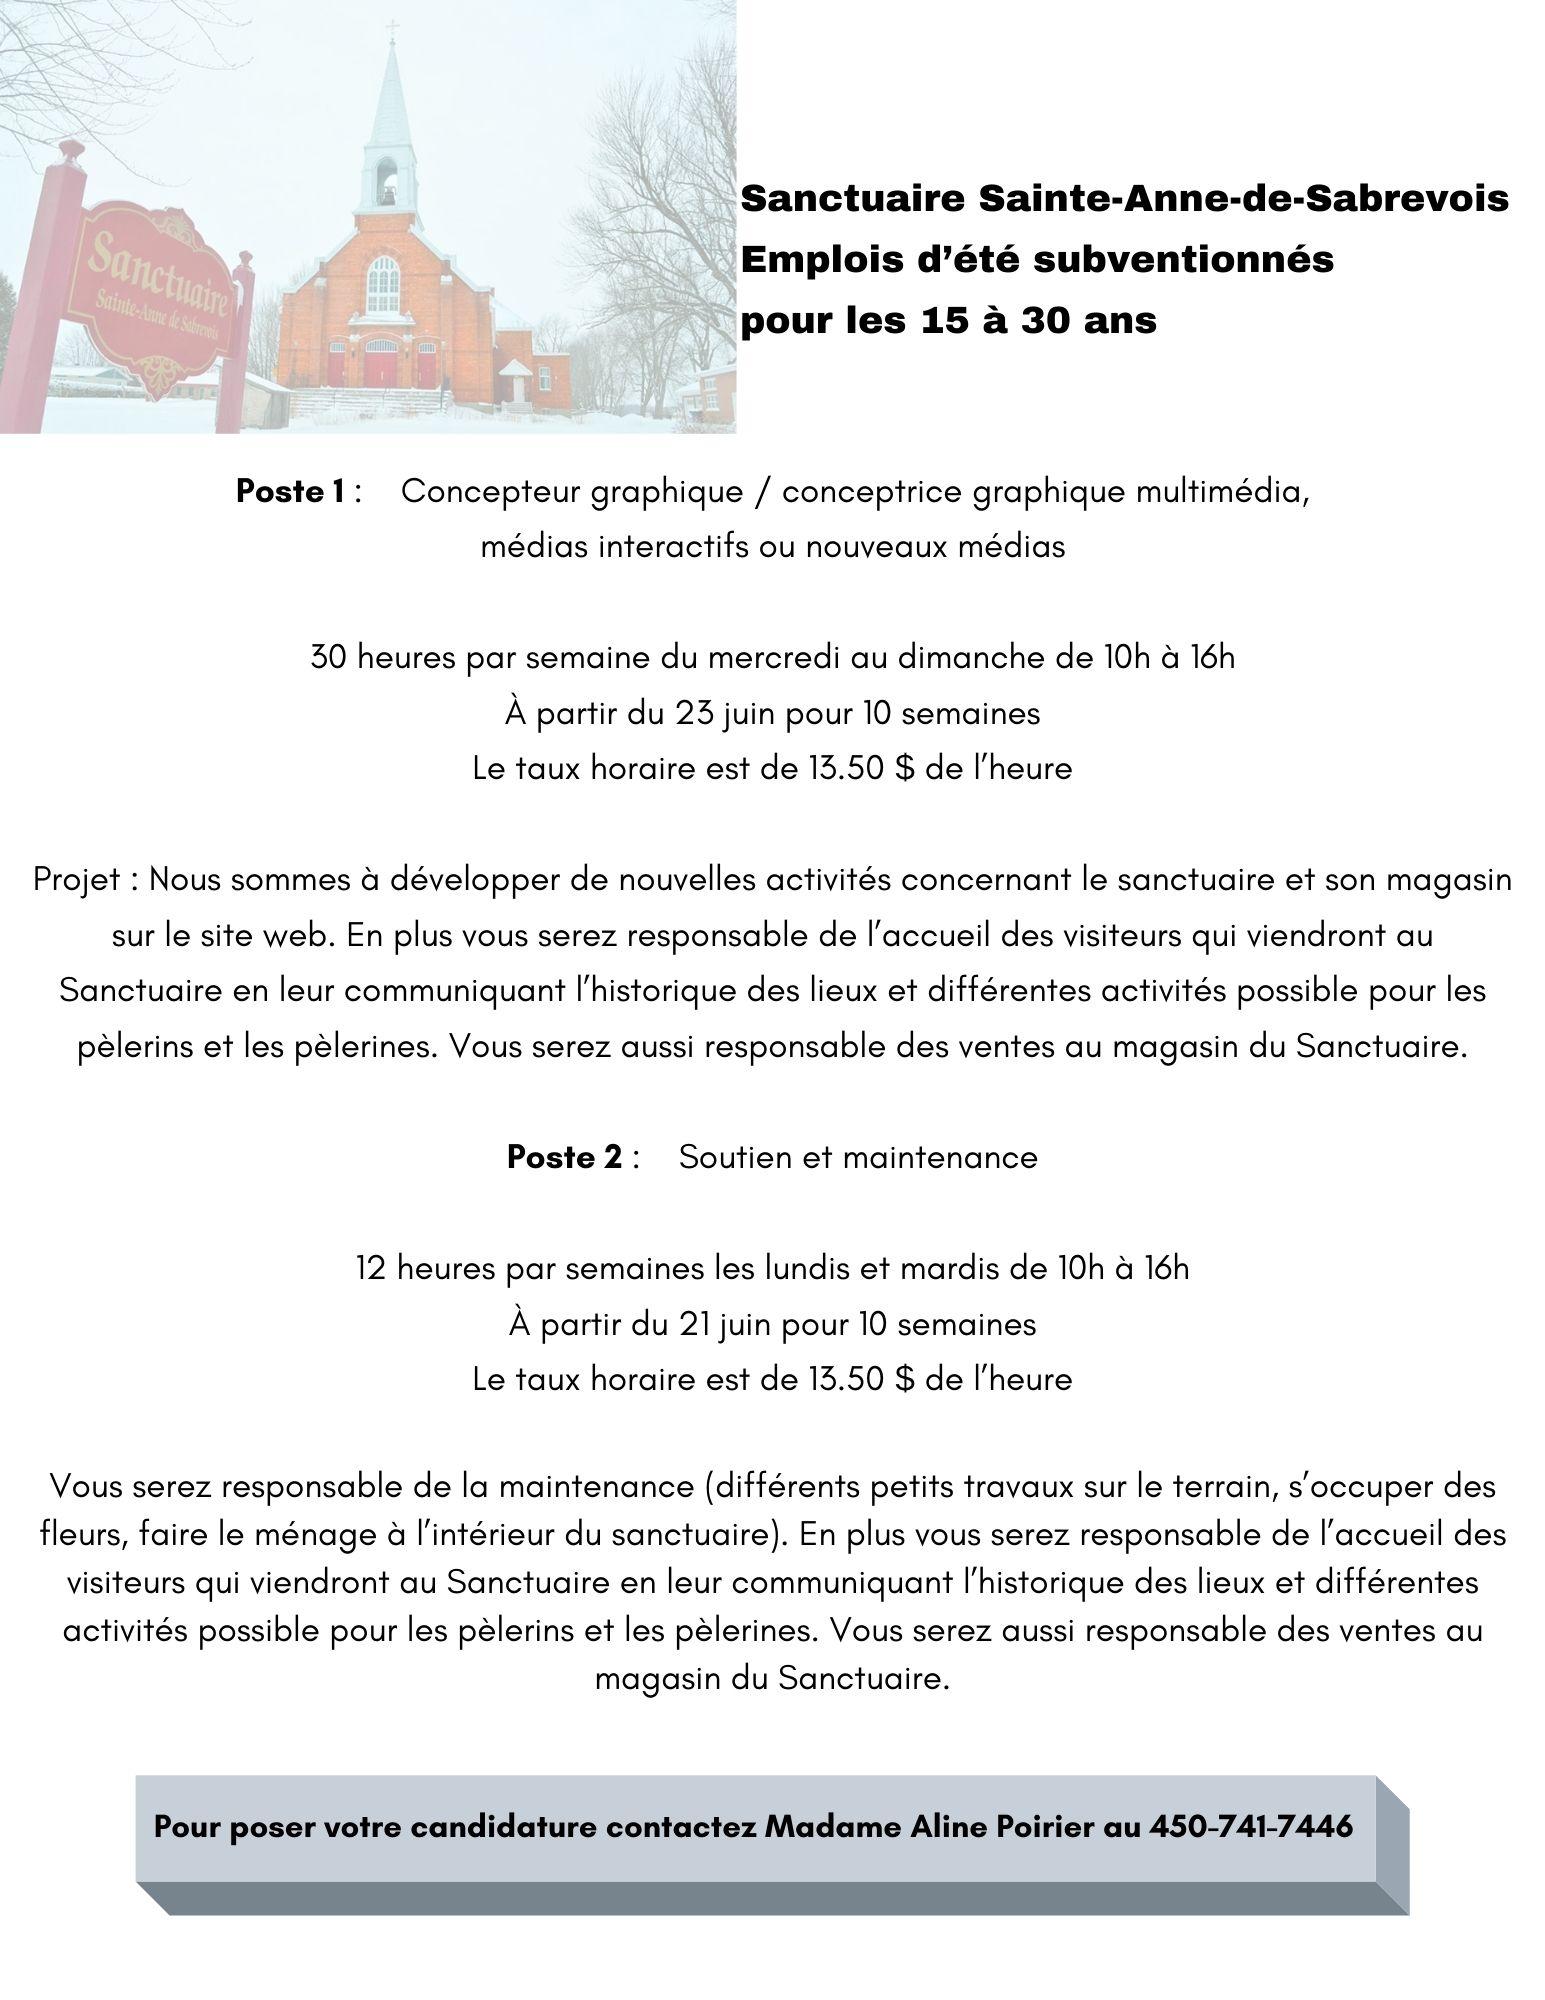 Offres d'emplois étudiants - Sanctuaire Sainte-Anne-de-Sabrevois